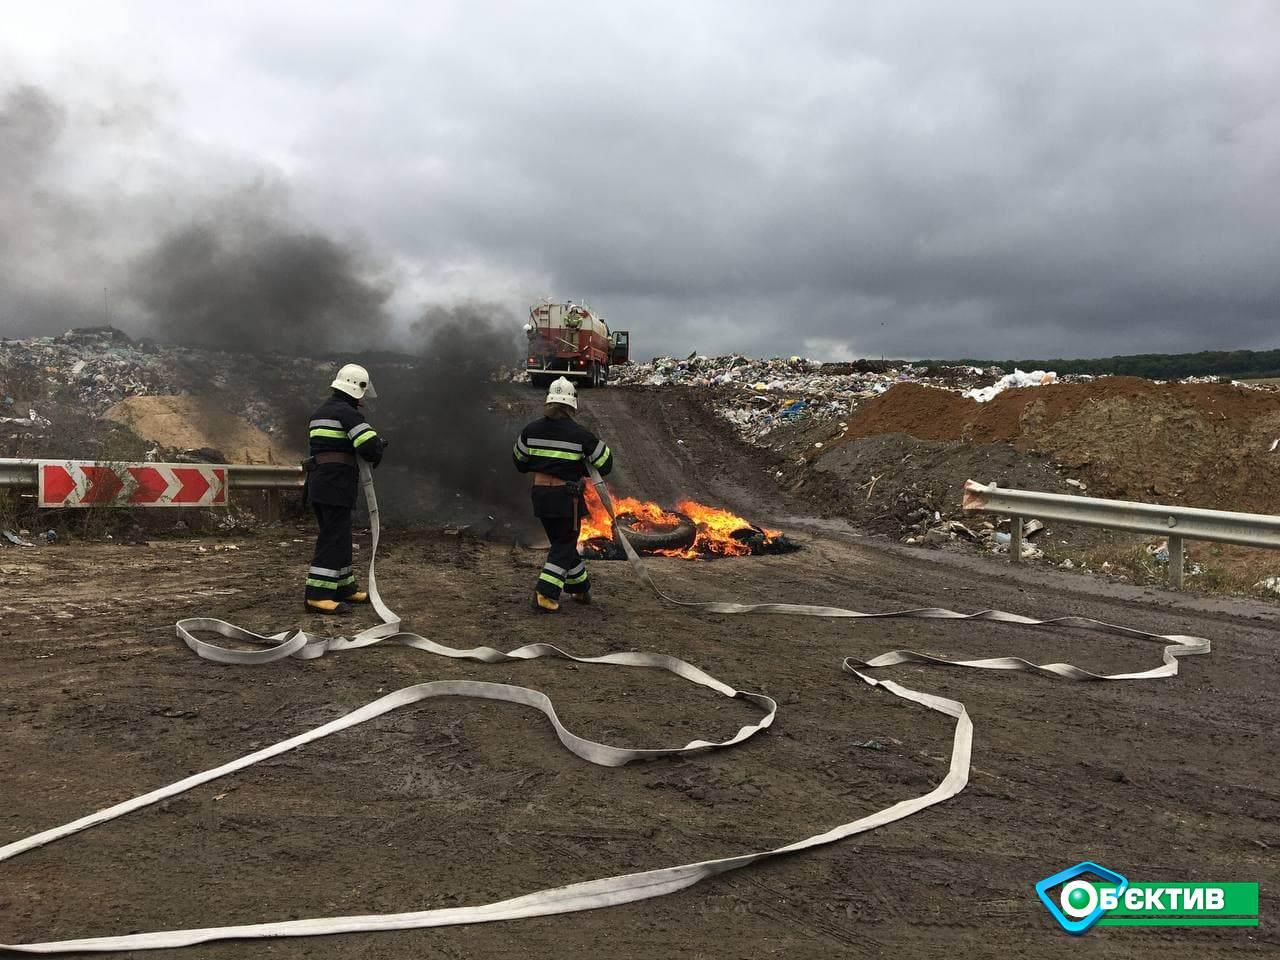 Учения по тушению пожара прошли на Дергачевском полигоне ТБО